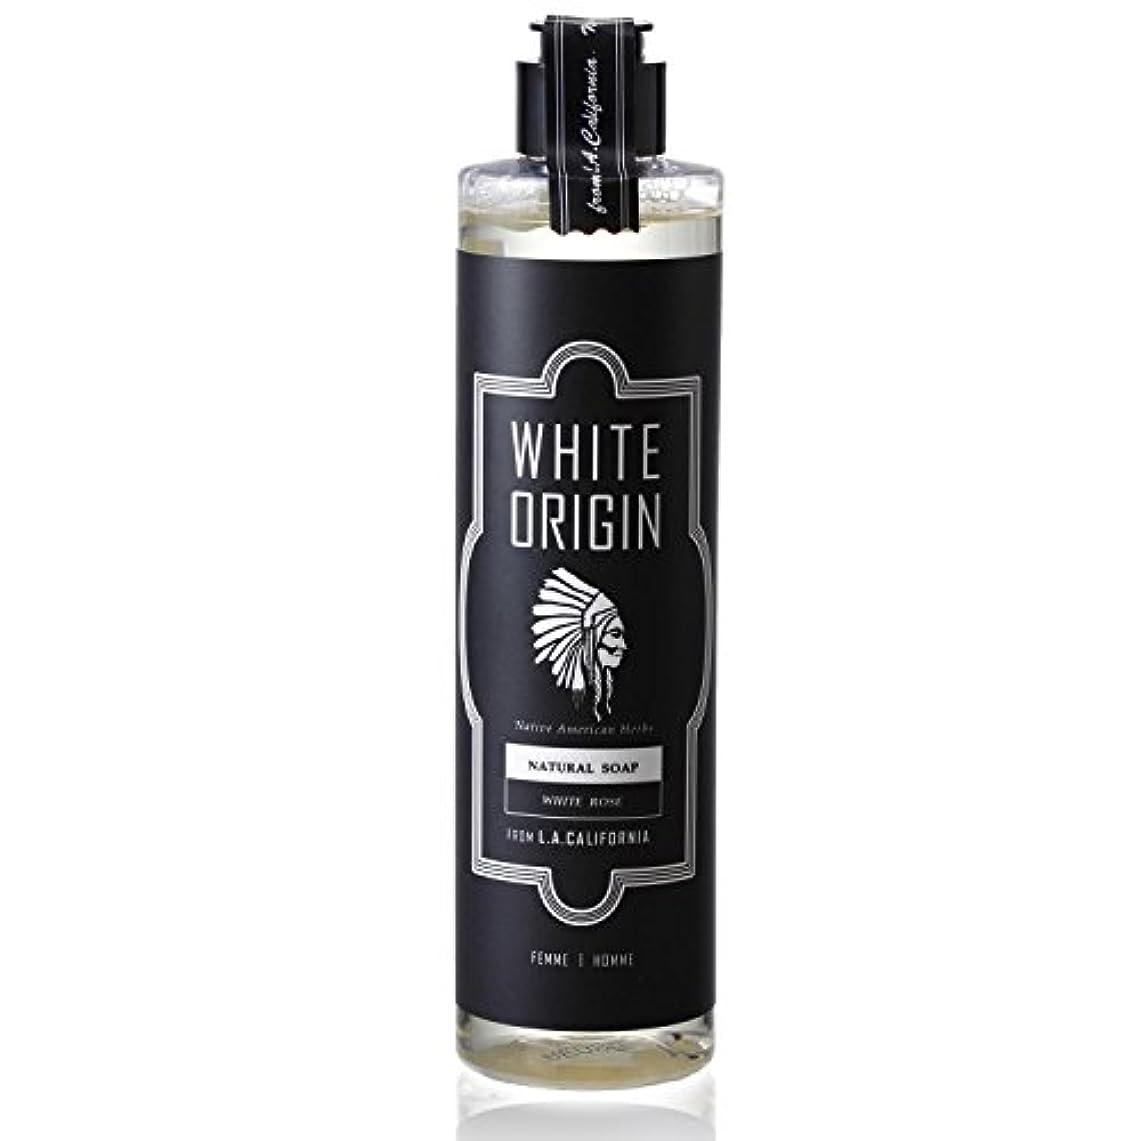 忠実な協会はちみつWHITE ORIGIN ボディソープ 300ml 加齢臭 ケア オーガニック ナチュラル 男前 乾燥 ホワイトローズ